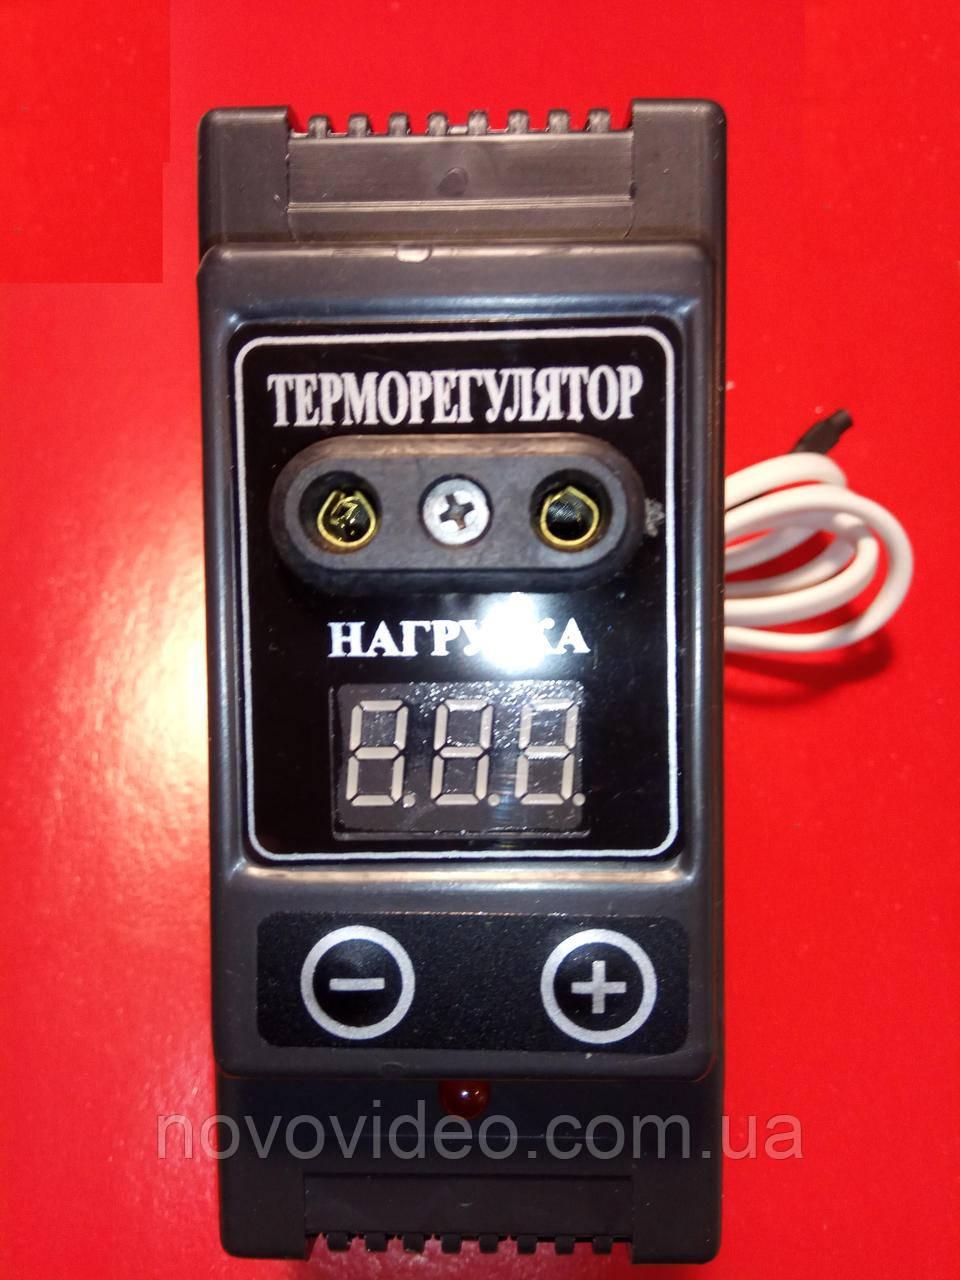 Терморегулятор Квочка  для инкубатора  с цифровыми настройками (+5  +50 °C)